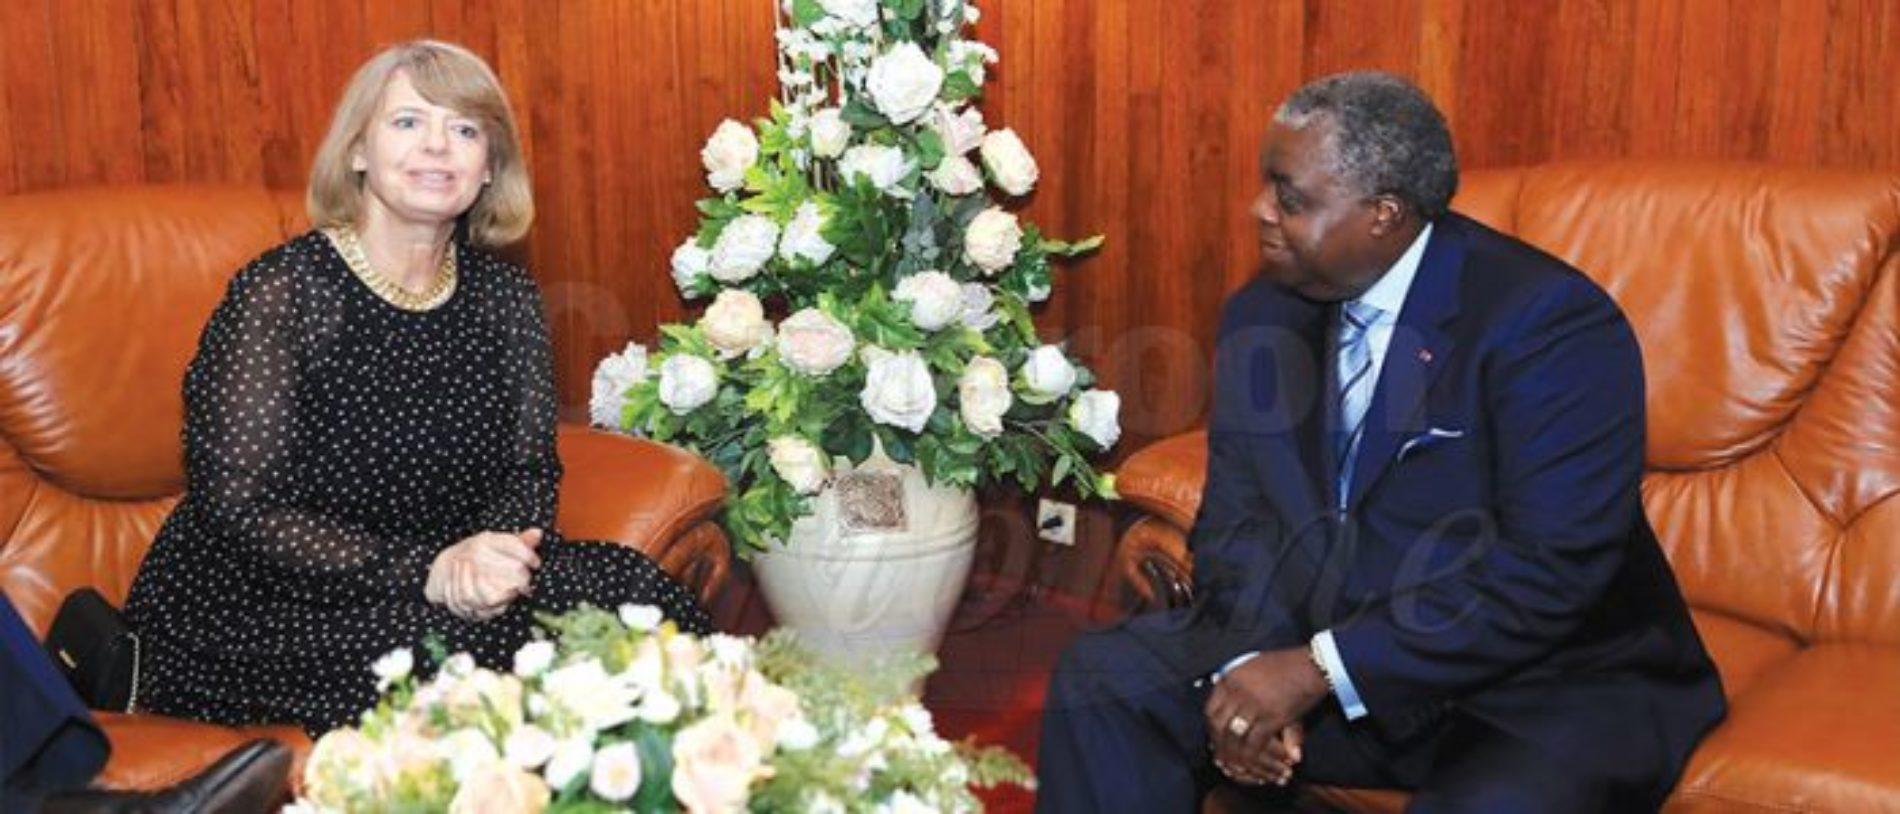 Décentralisation : le Cameroun à l'école britannique